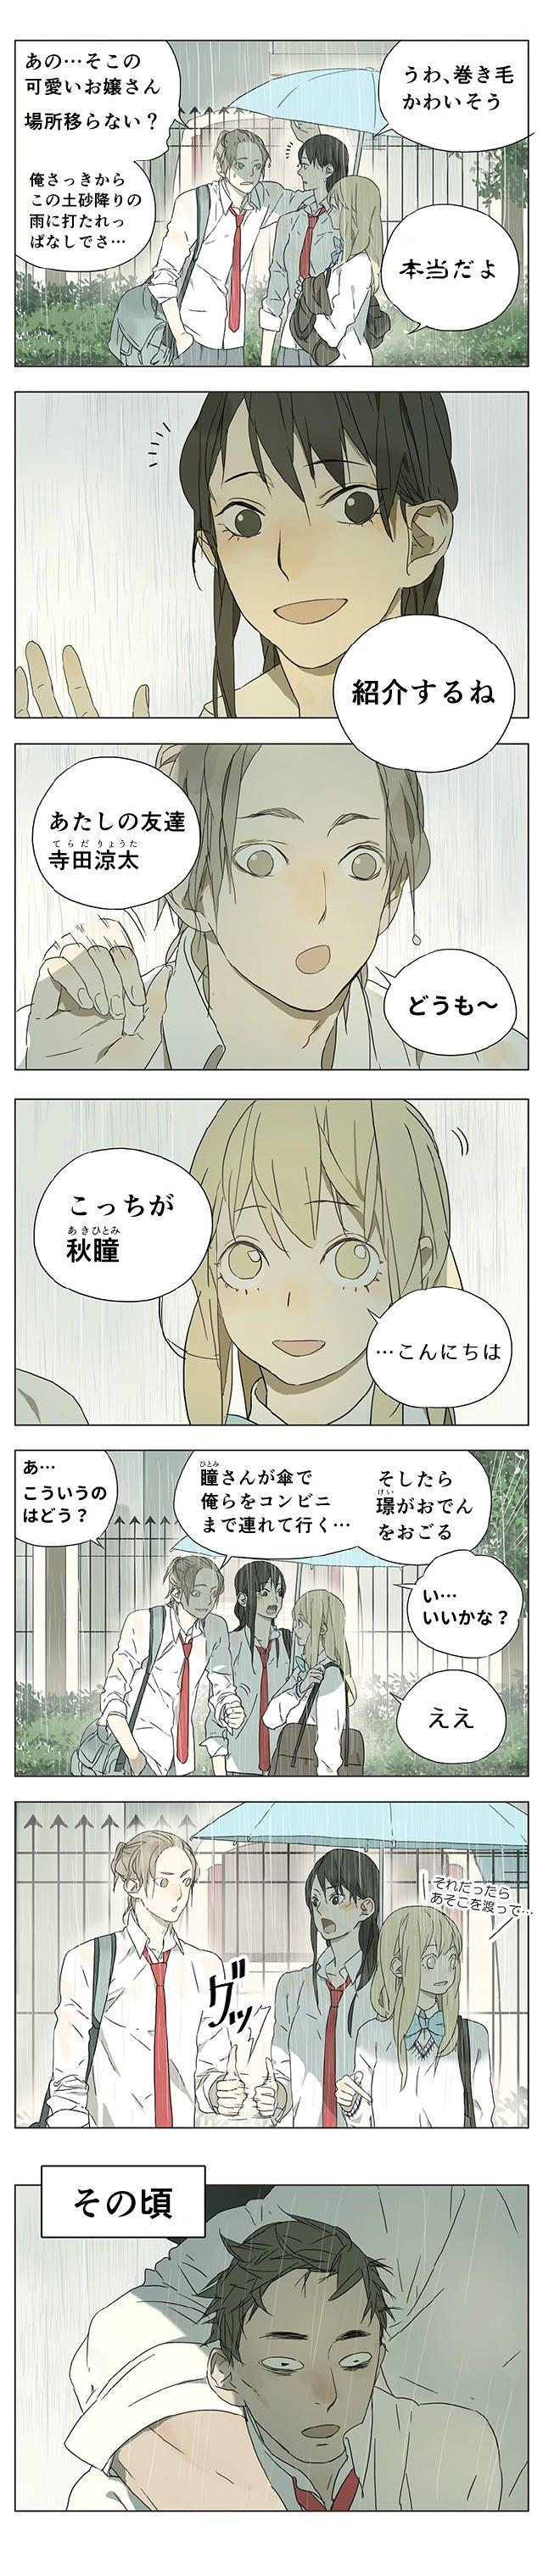 她们的故事/坛九/their story/tanjiu/彼女たちの物語/日本語に訳してみた/三話⑨